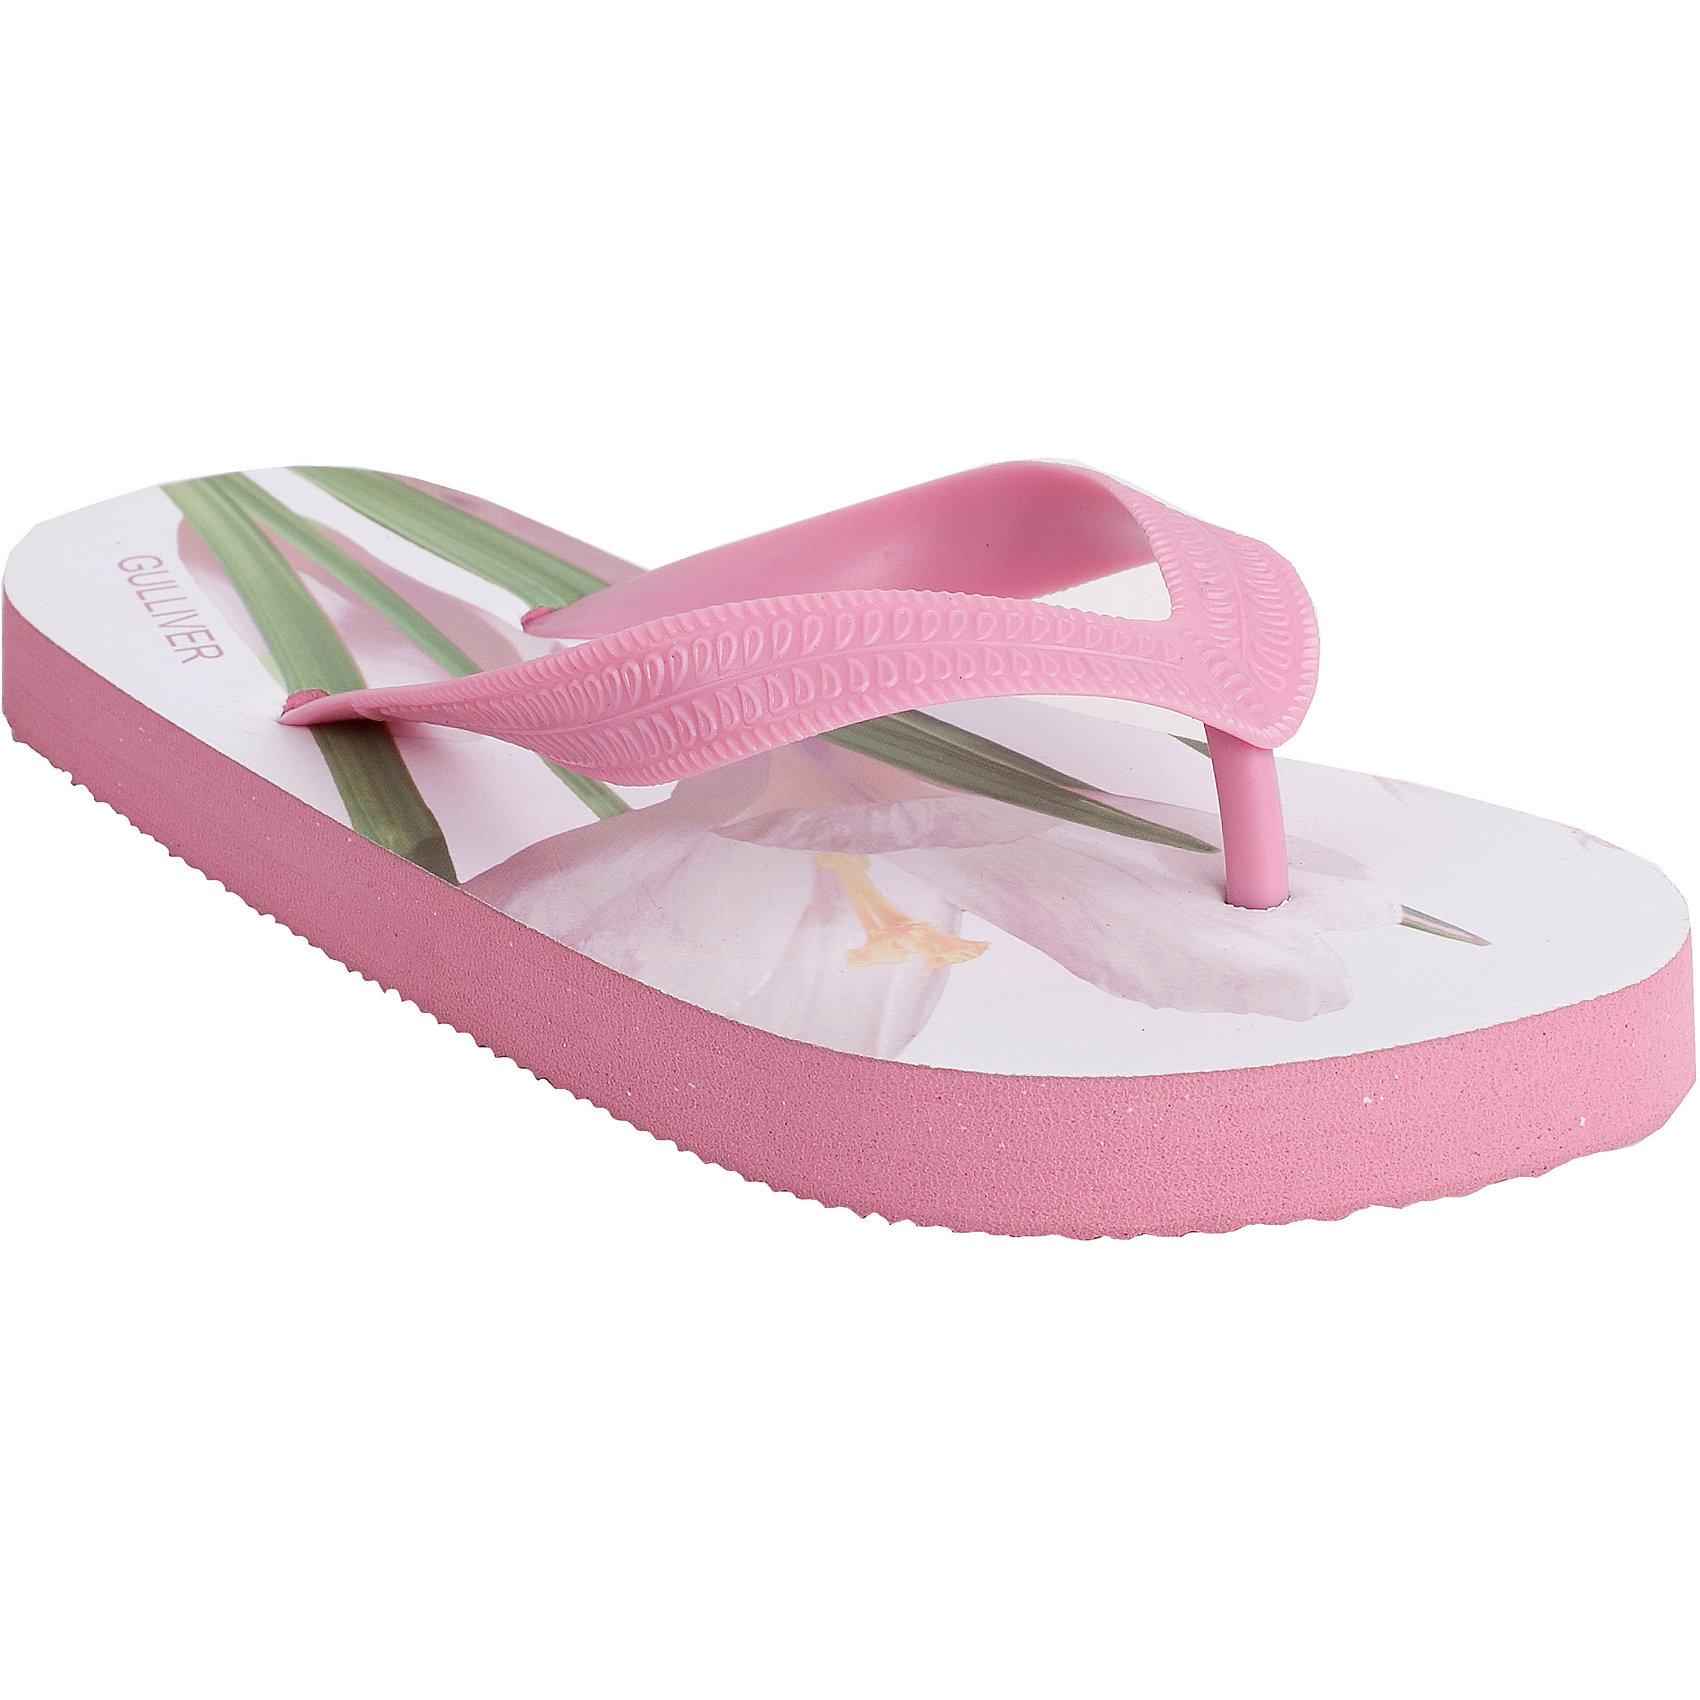 Шлепанцы для девочки GulliverПляжная обувь<br>Пляжная обувь - вещь, совершенно необходимая для отдыха у воды. Мягкие резиновые тапочки-въетнамки для девочки надежно защитят ножку ребенка от мелкой гальки и горячего песка. Если вы решили купить ребенку въетнамки, обратите внимания на эти! Нежный цветочный принт в стиле коллекции Апрель вызовет у ребенка восторг, подарив отличное настроение!<br>Состав:<br>верх:                              PVC;             подошва:                 EVA<br><br>Ширина мм: 248<br>Глубина мм: 135<br>Высота мм: 147<br>Вес г: 256<br>Цвет: розовый<br>Возраст от месяцев: 108<br>Возраст до месяцев: 120<br>Пол: Женский<br>Возраст: Детский<br>Размер: 35,32,31,34,30,33<br>SKU: 4534921